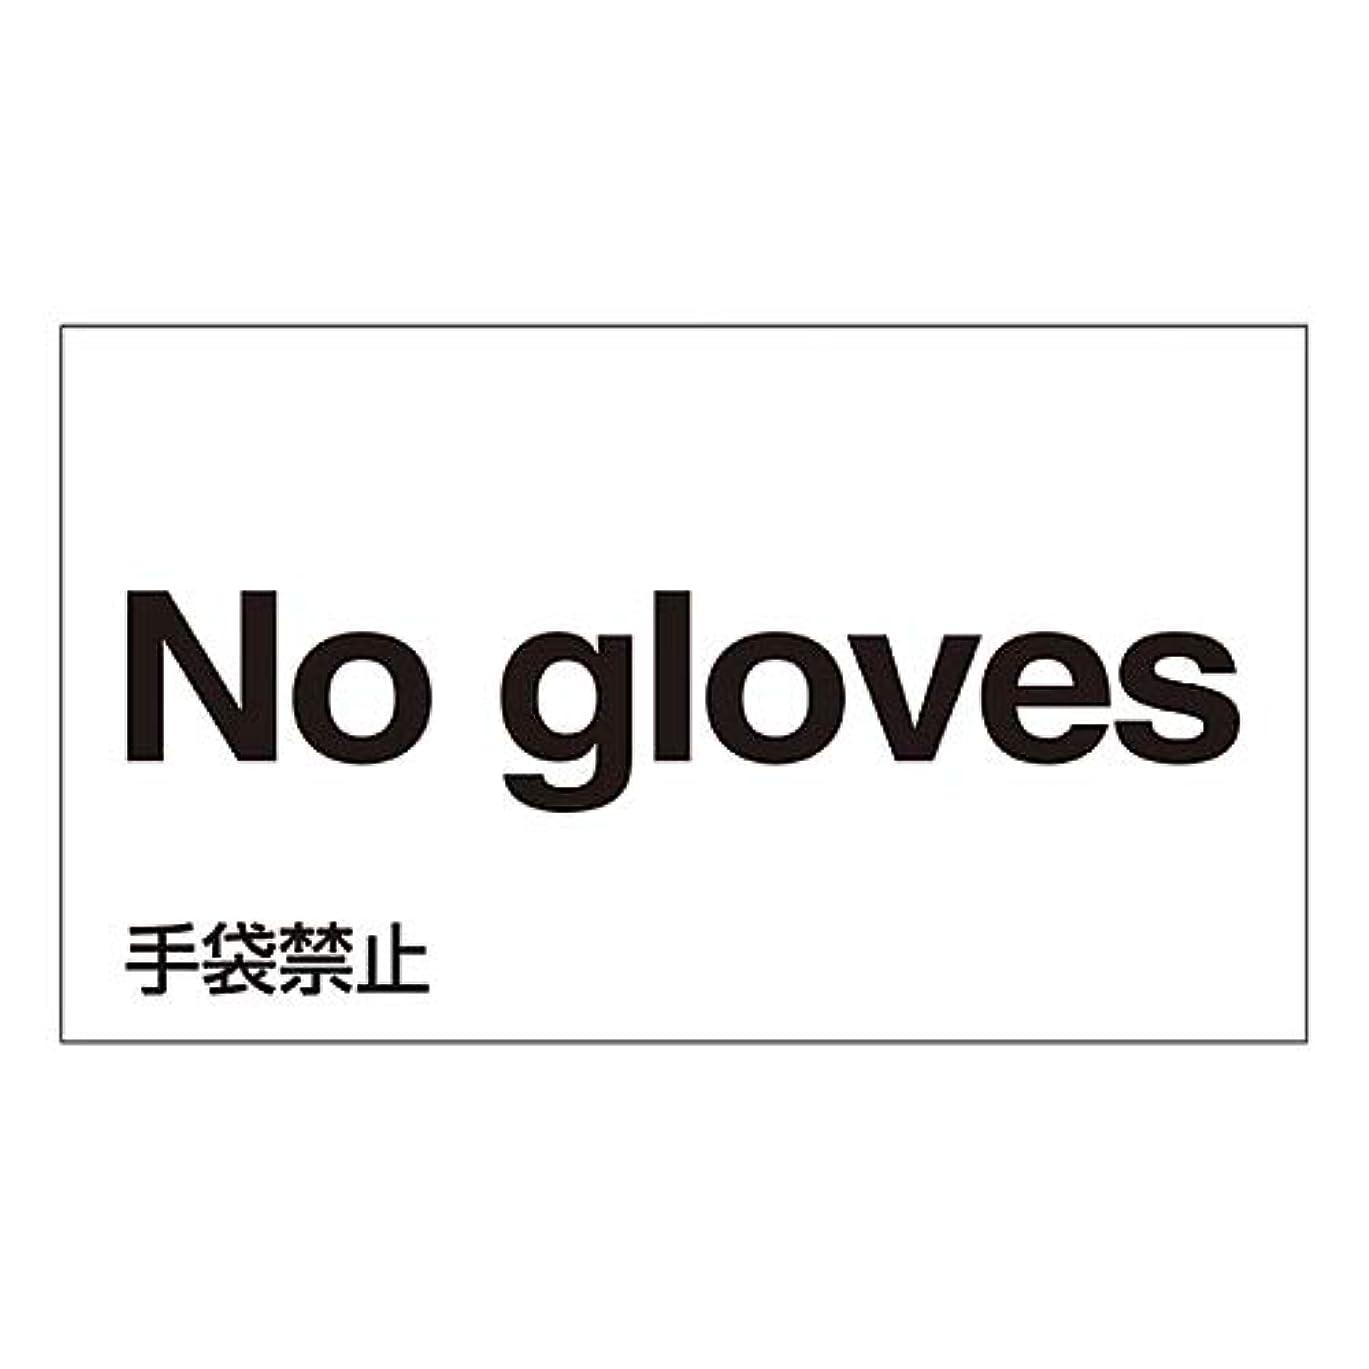 科学ダーツ皿外国語ステッカー ?No gloves? GK-22 E(英語)/61-3413-35